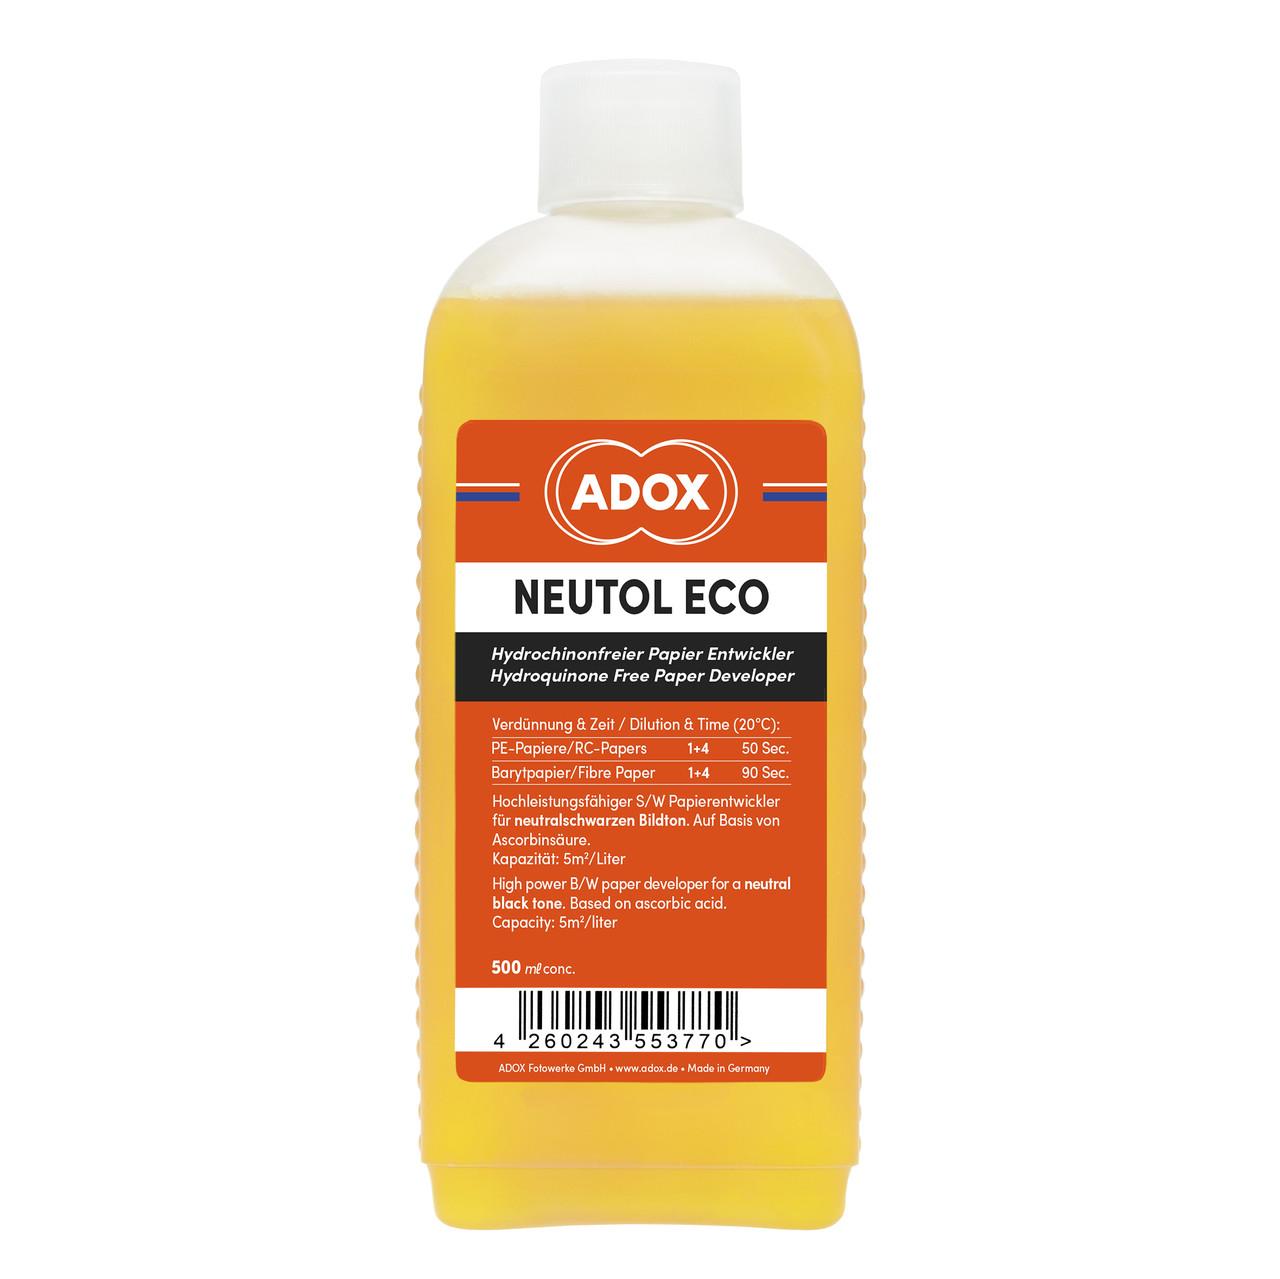 Проявитель ADOX Neutol Eco 500 ml Concentrate  для чёрно- белой фотобумаги.